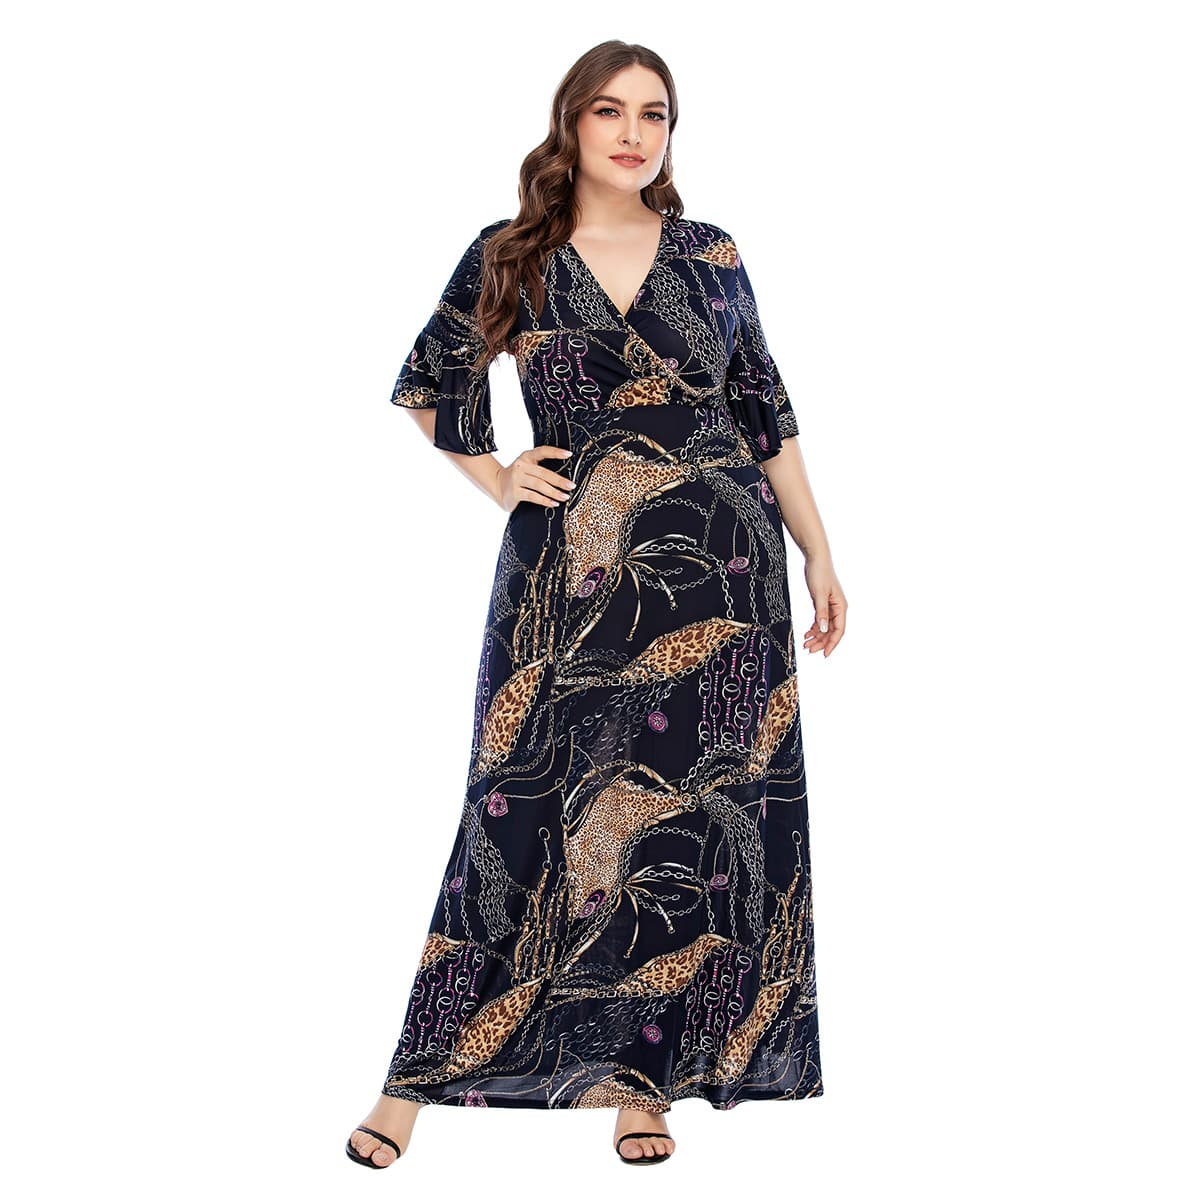 Plus Leopard And Chain Print Surplice Neck Maxi A-line Dress